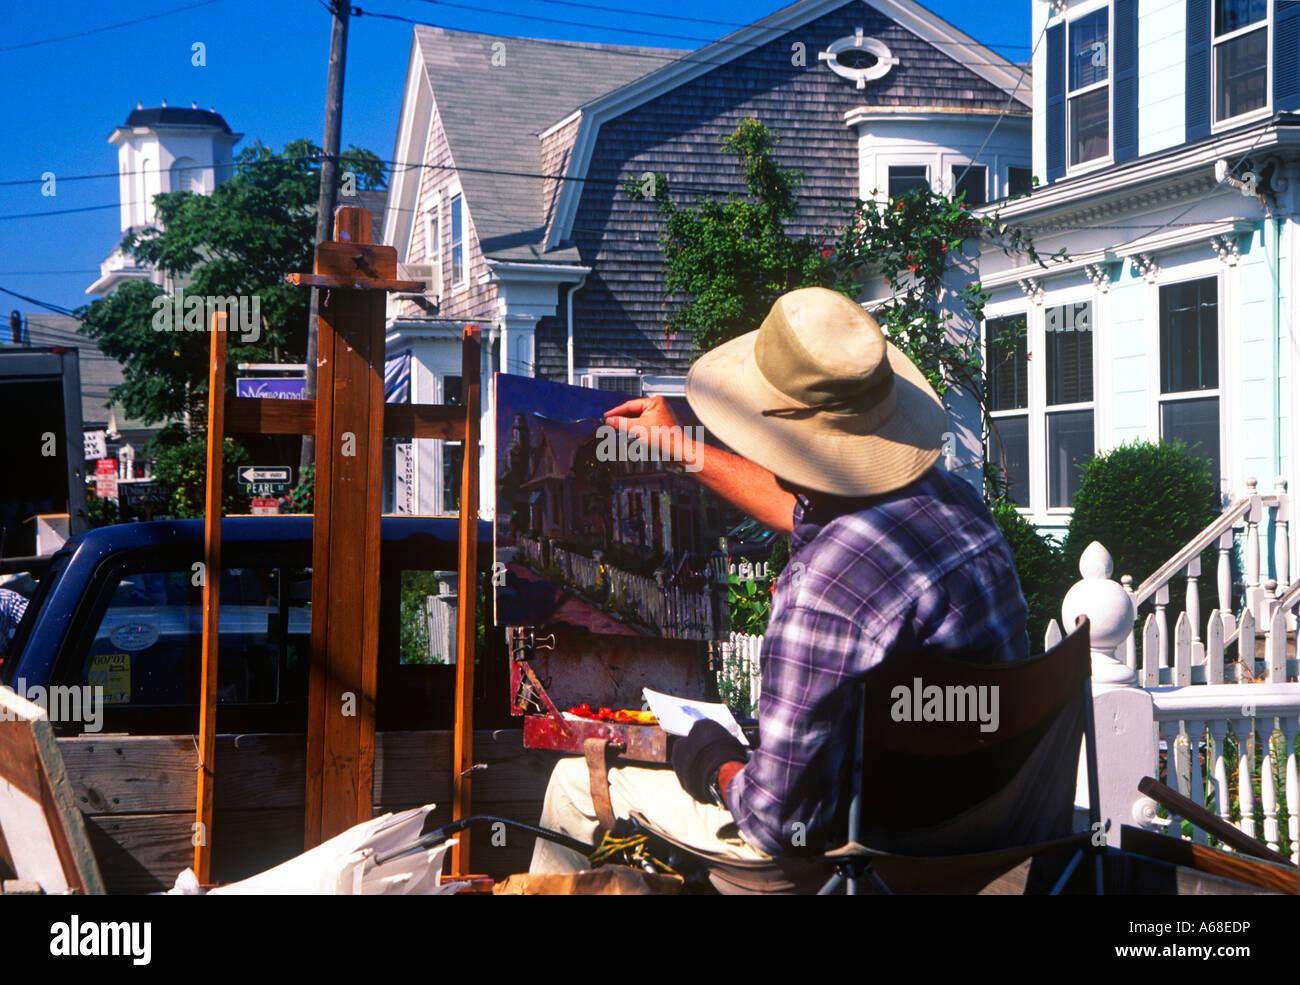 La peinture de l'artiste une toile le long de Rue du Commerce Provincetown MA Cape Cod Photo Stock